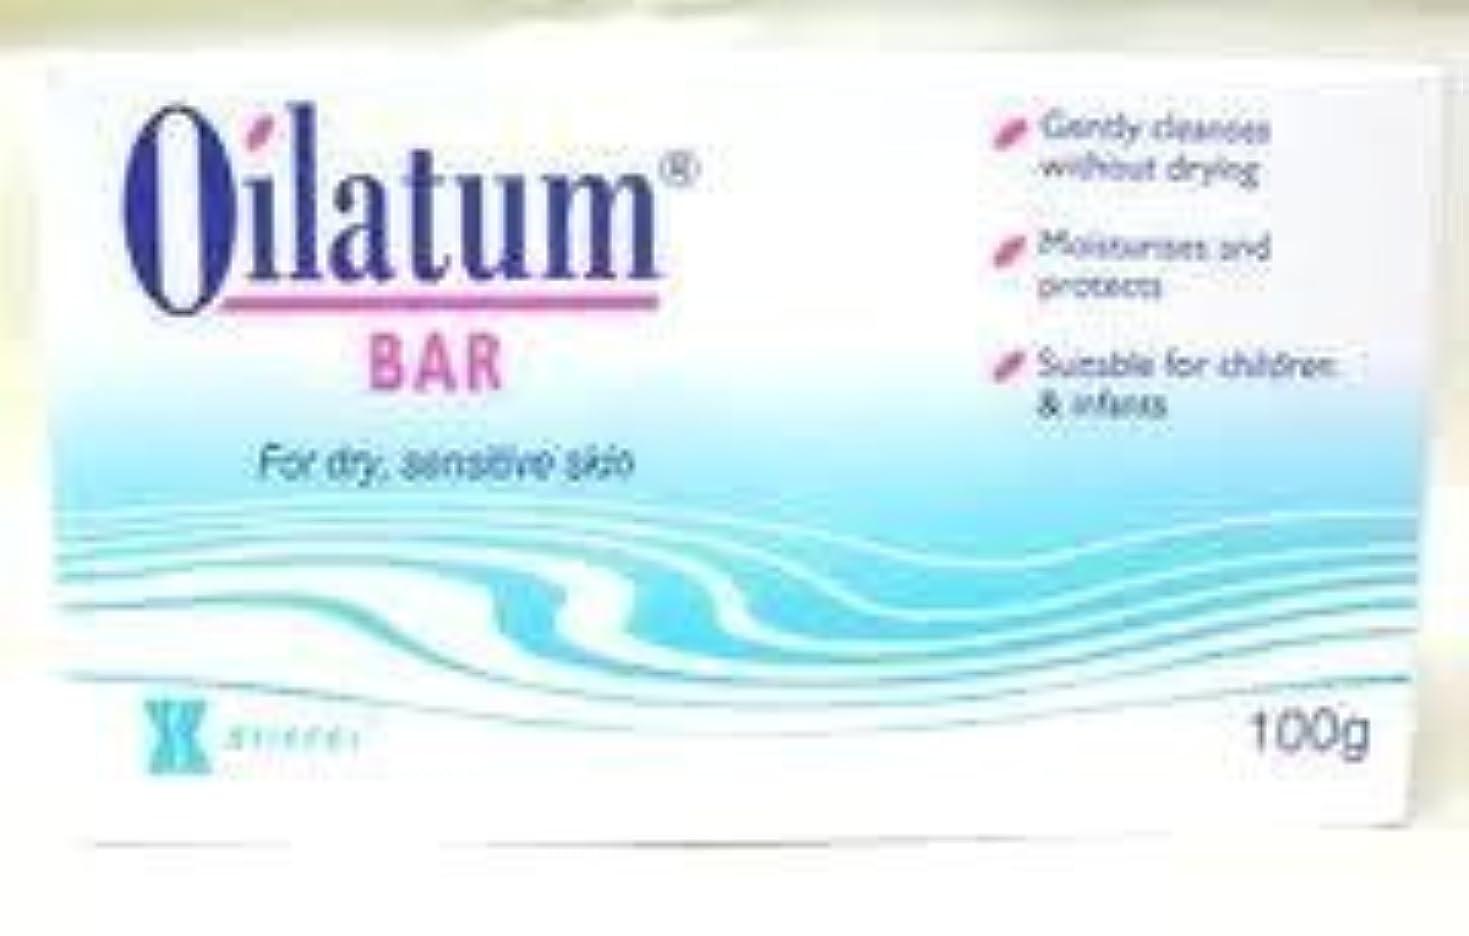 文庫本権限を与える書き出すOilatum Bar Soap for Sensitive Soap Skin Free Shipping 100g. by Oilatum